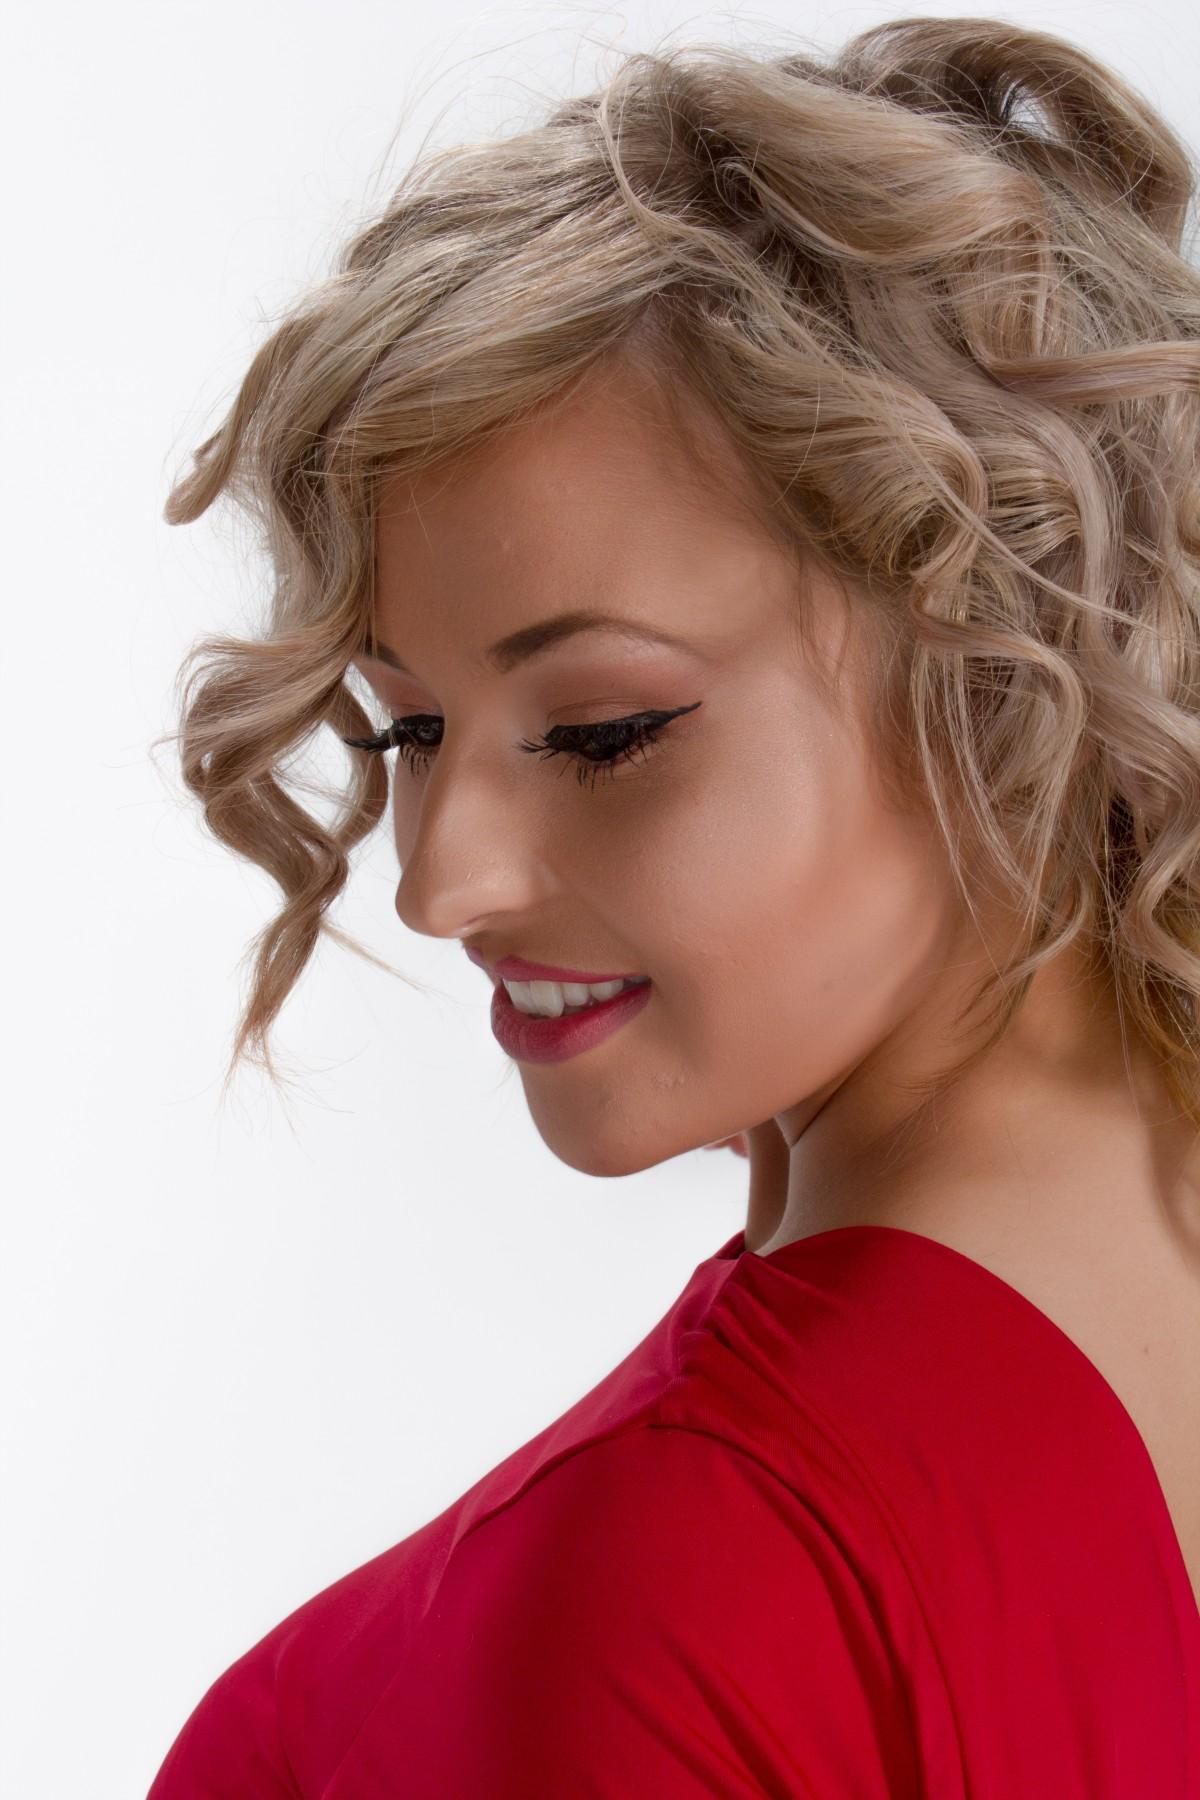 Fotos gratis : mujer, cabello, hembra, modelo, estudio ...